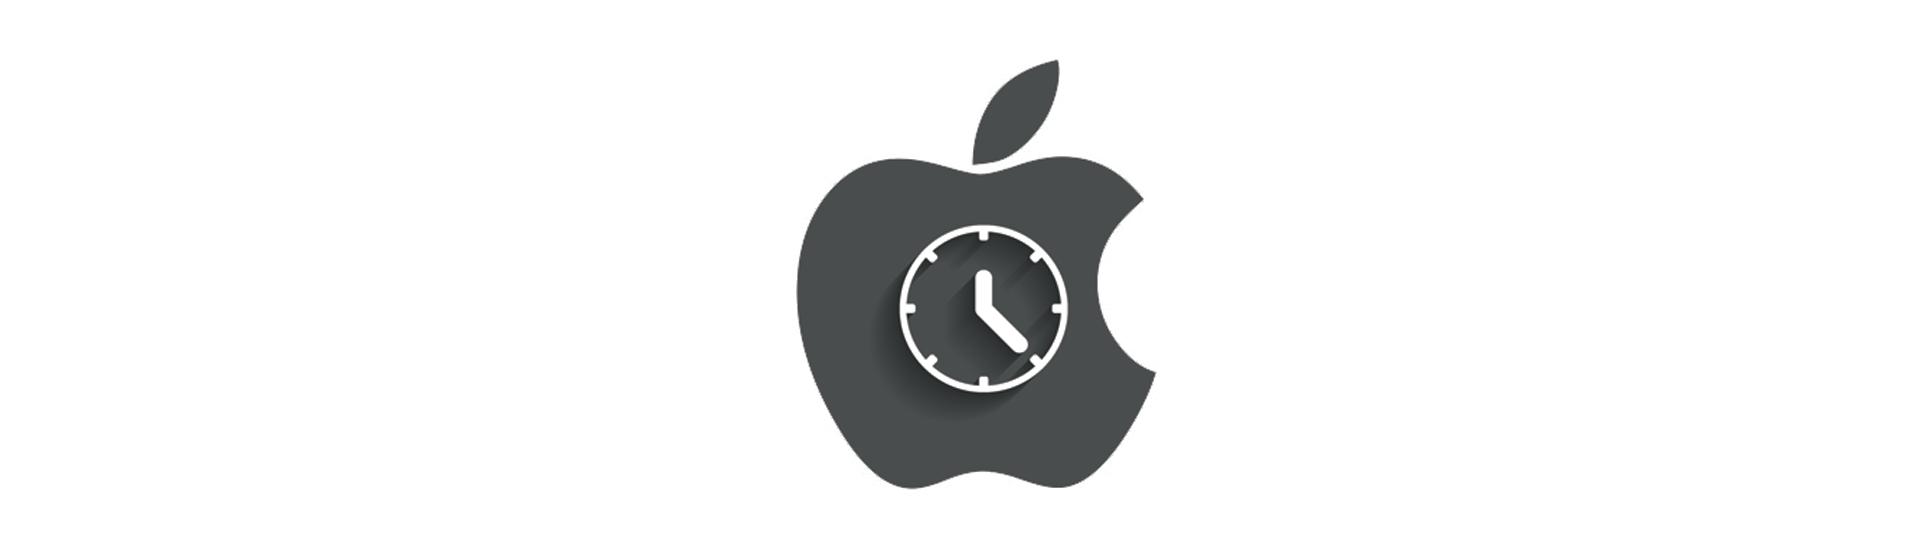 中に時計の針、アップルロゴ